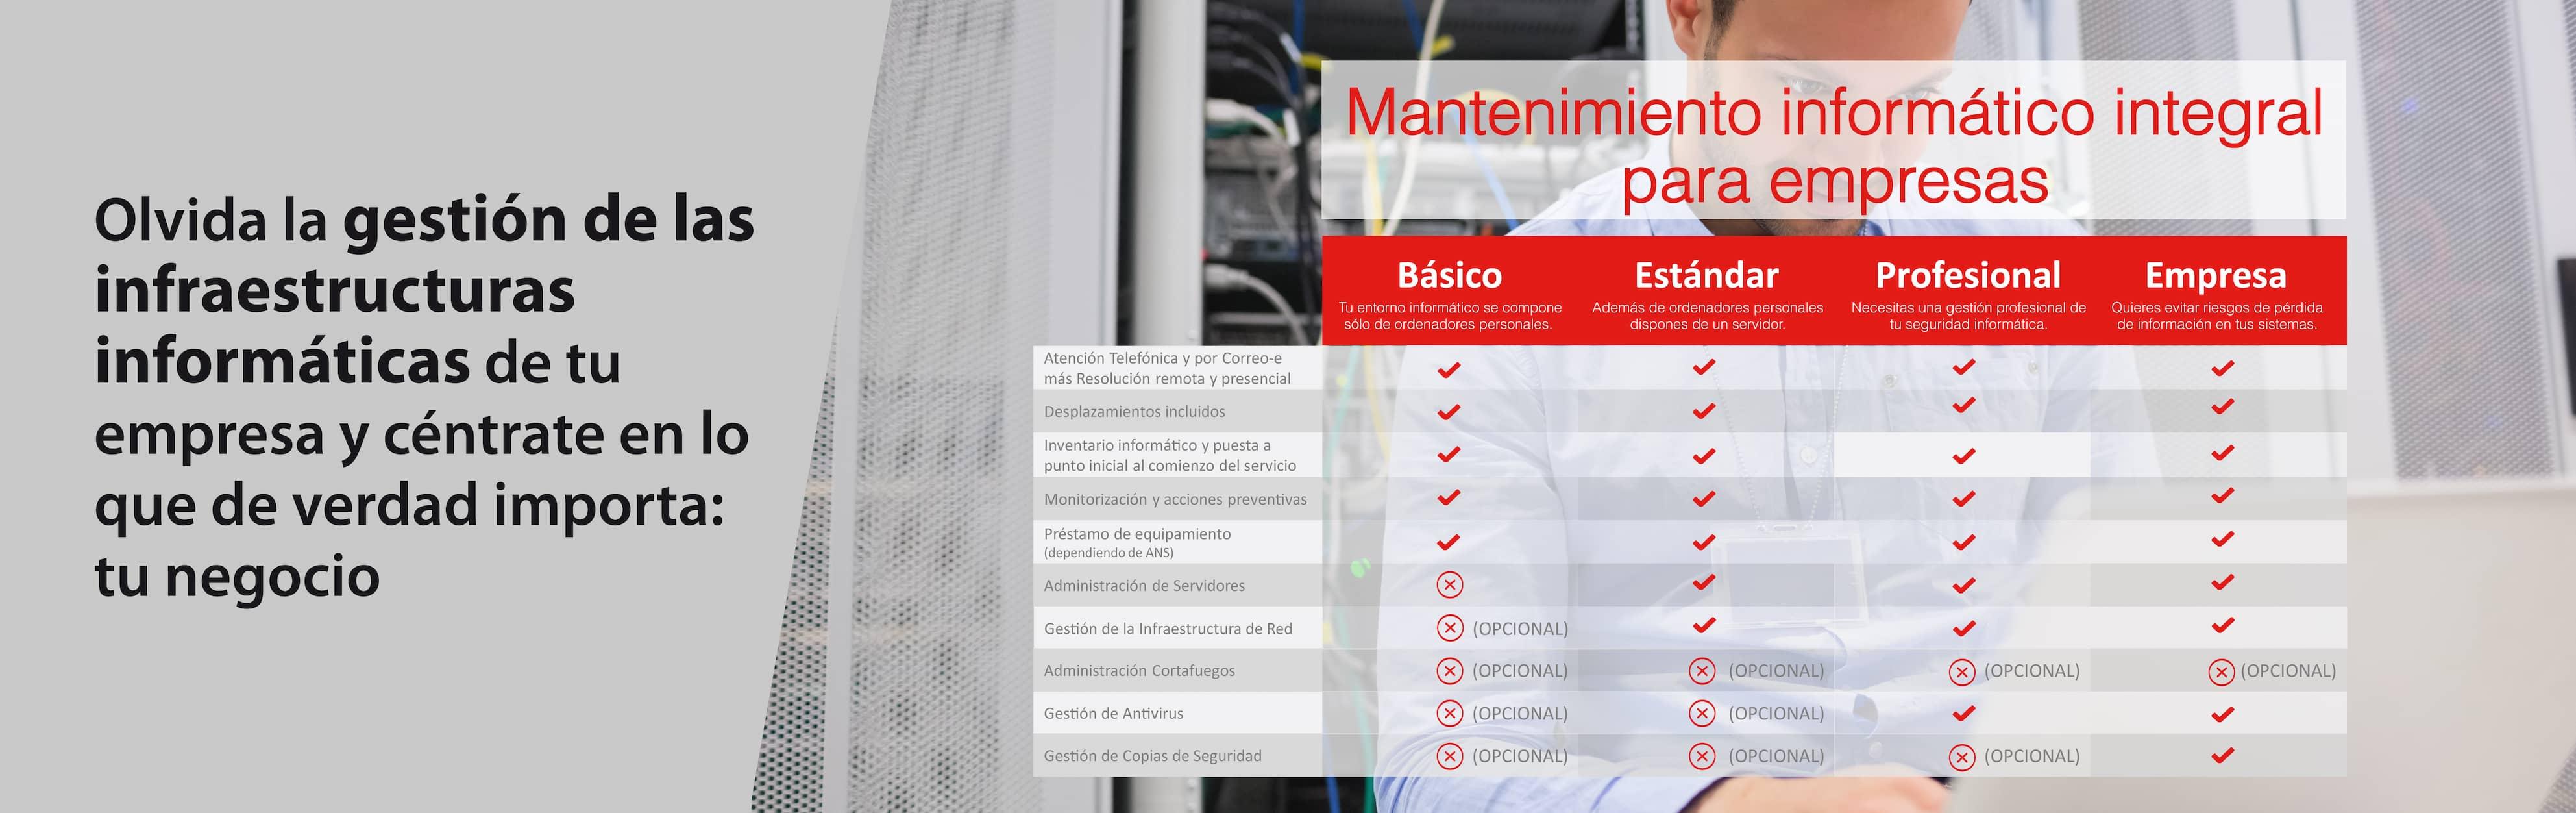 202001 bannerWEB contratos mantenimiento informatico - Inicio